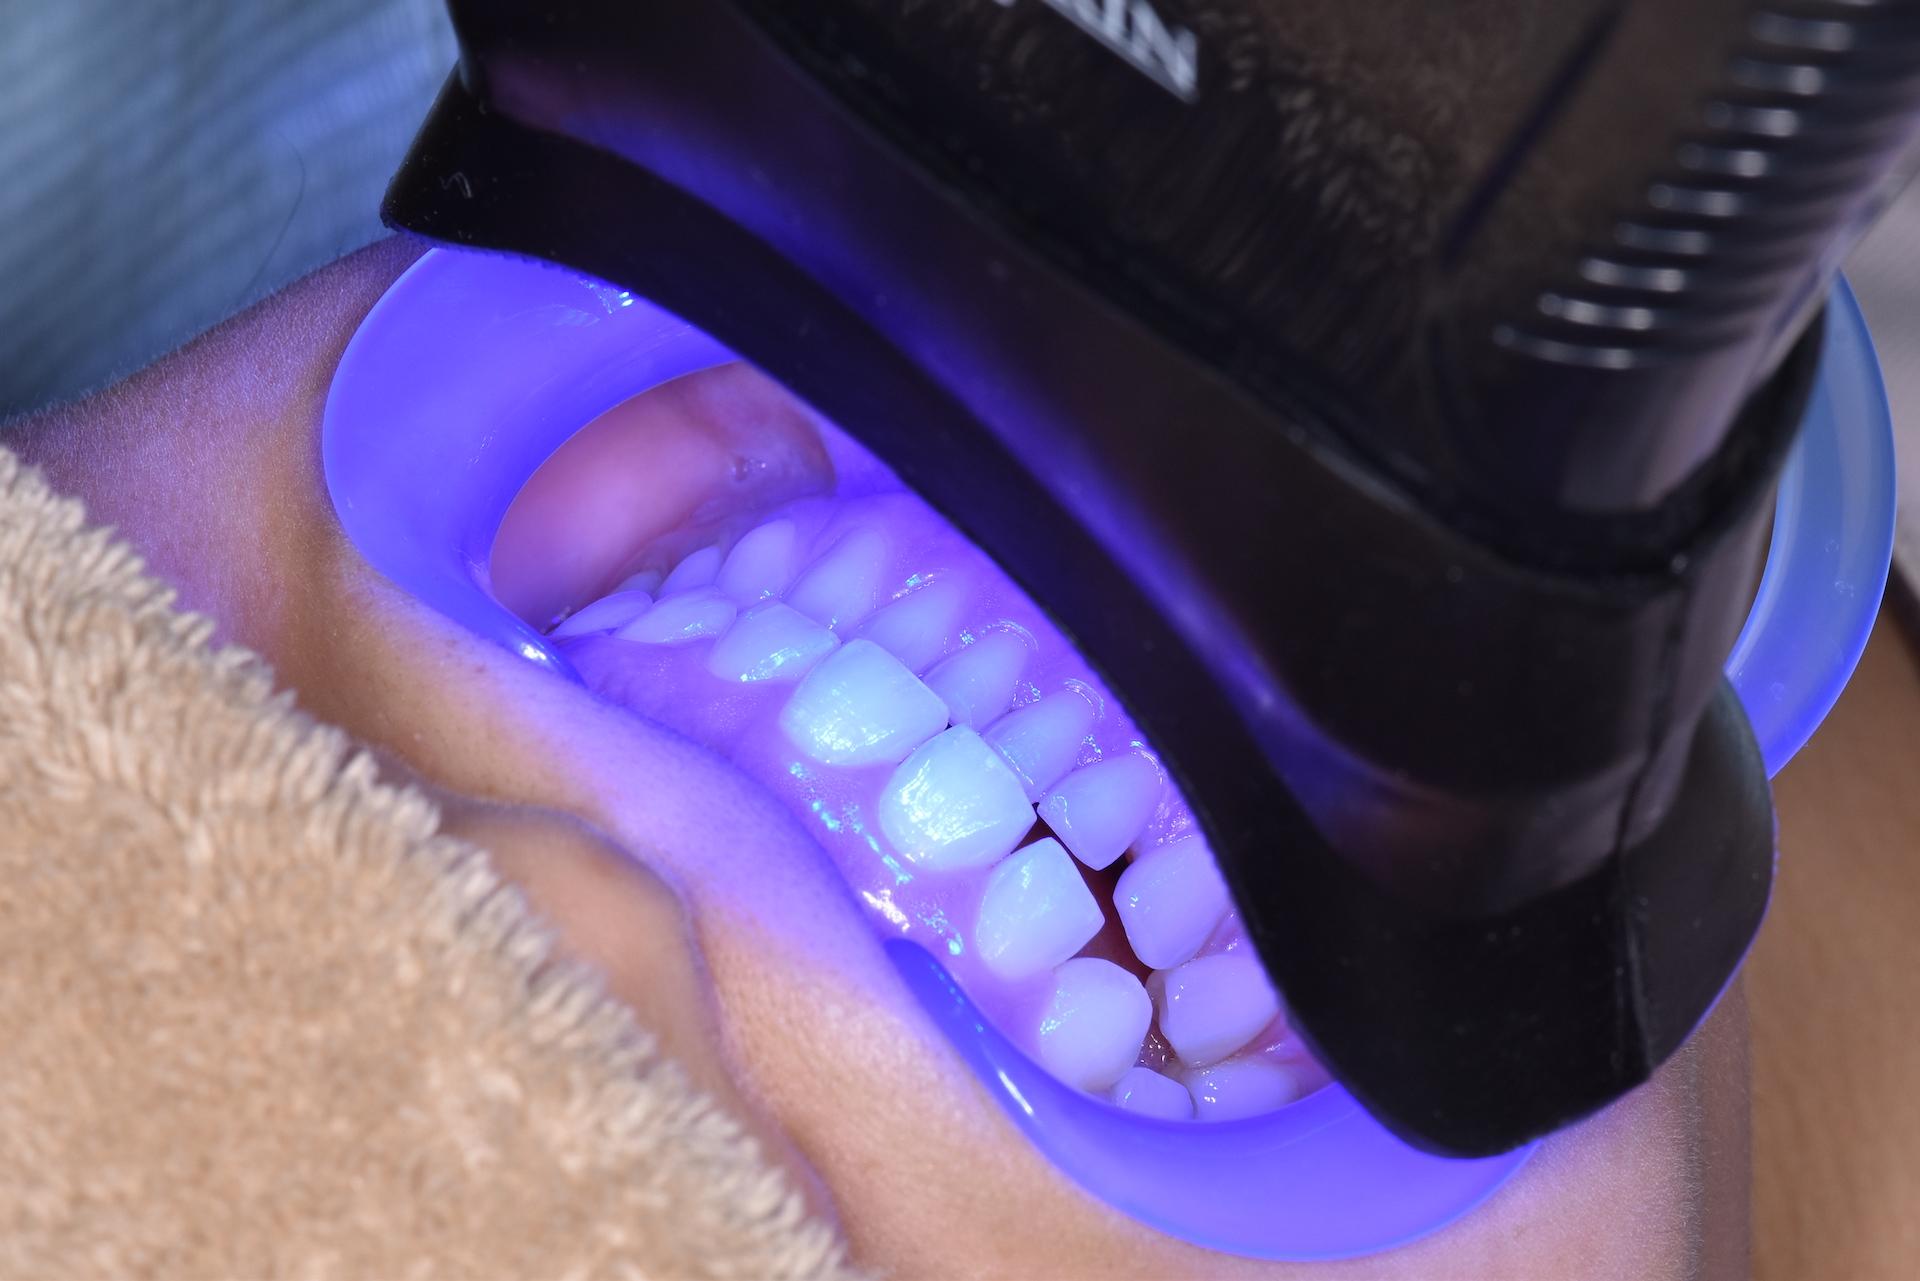 あかなべ歯科 ホワイトニング デンタルエステ